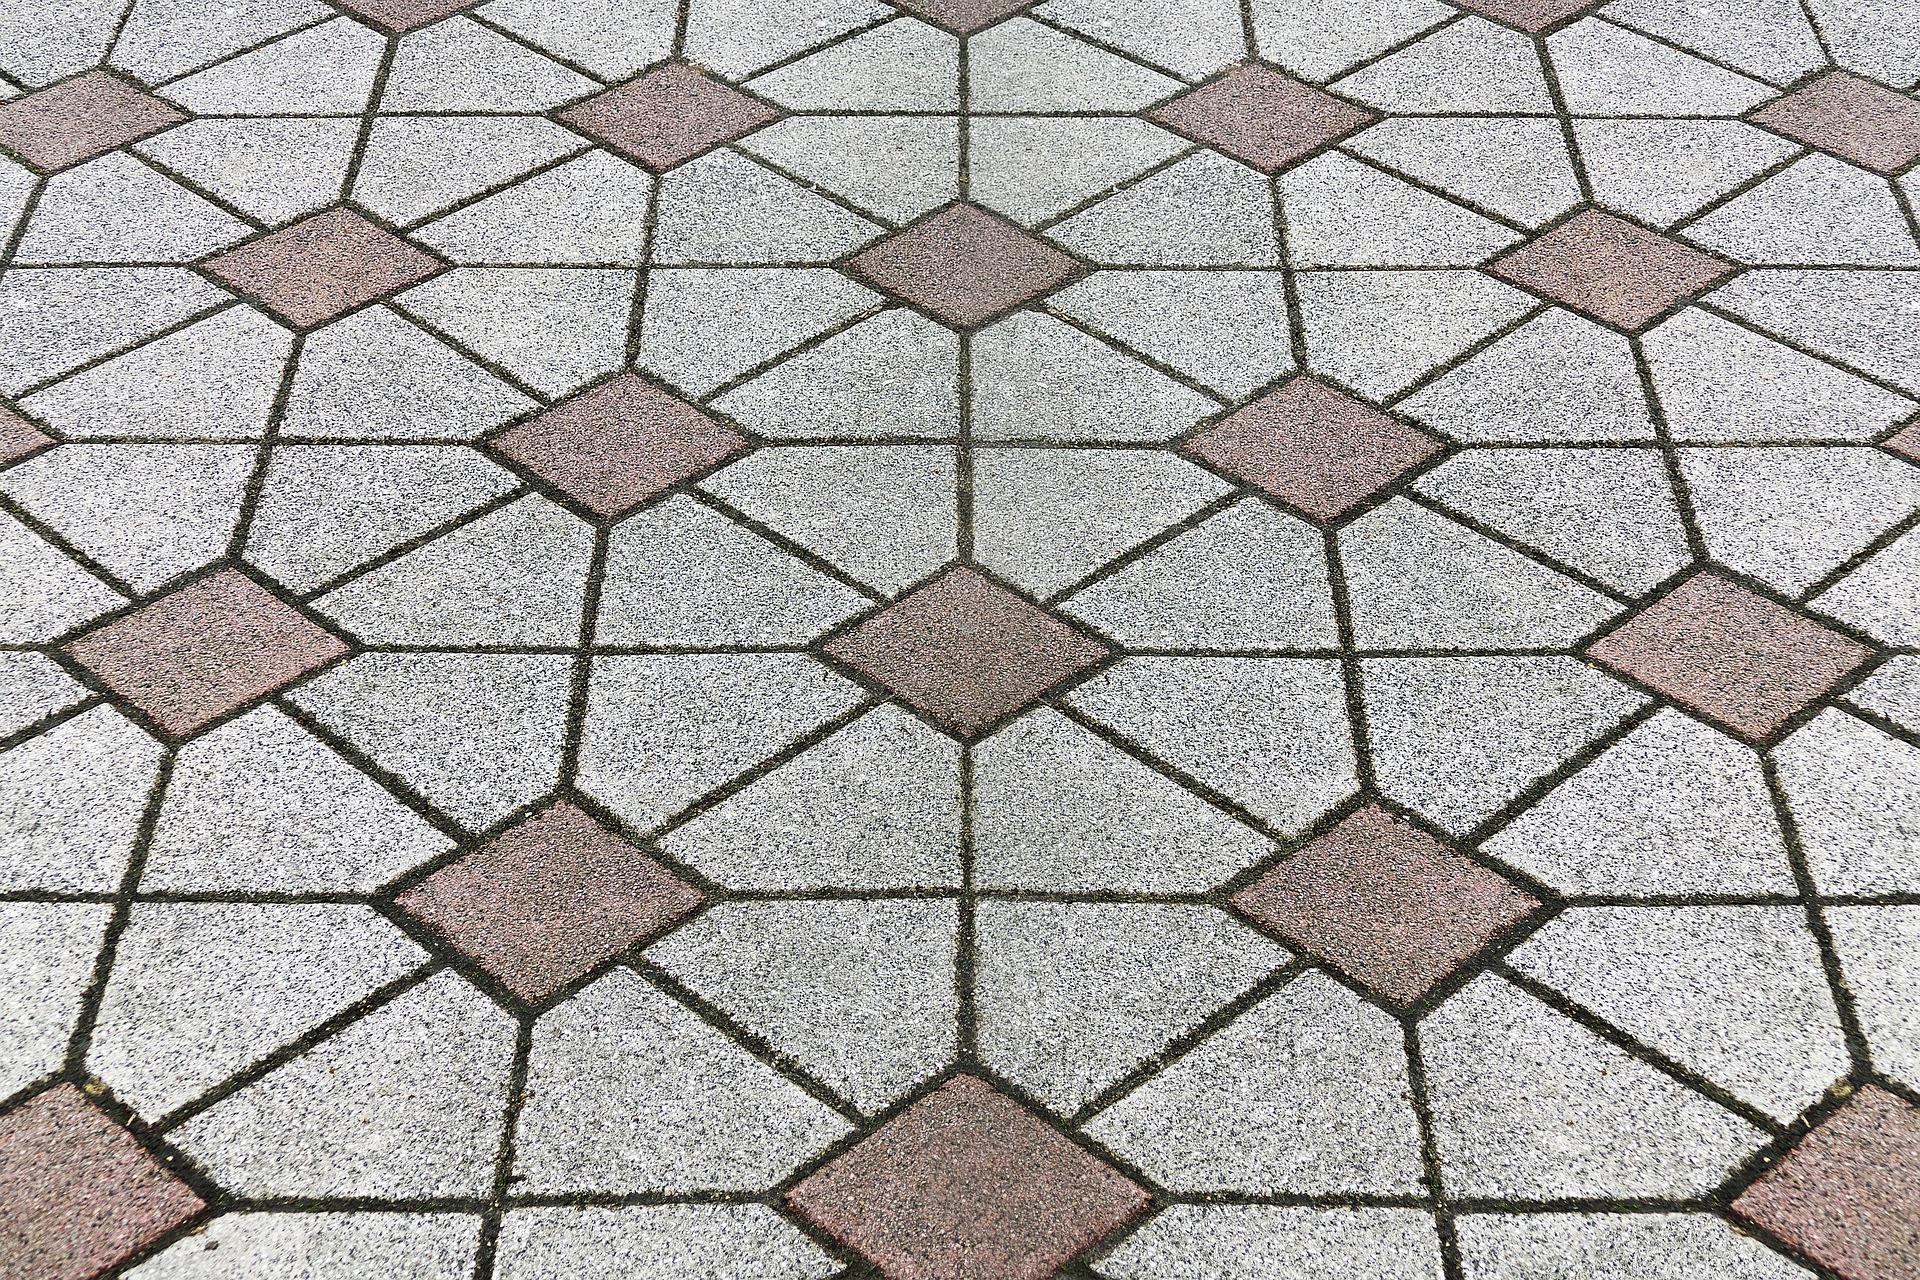 brolægning anlæg sten mønster